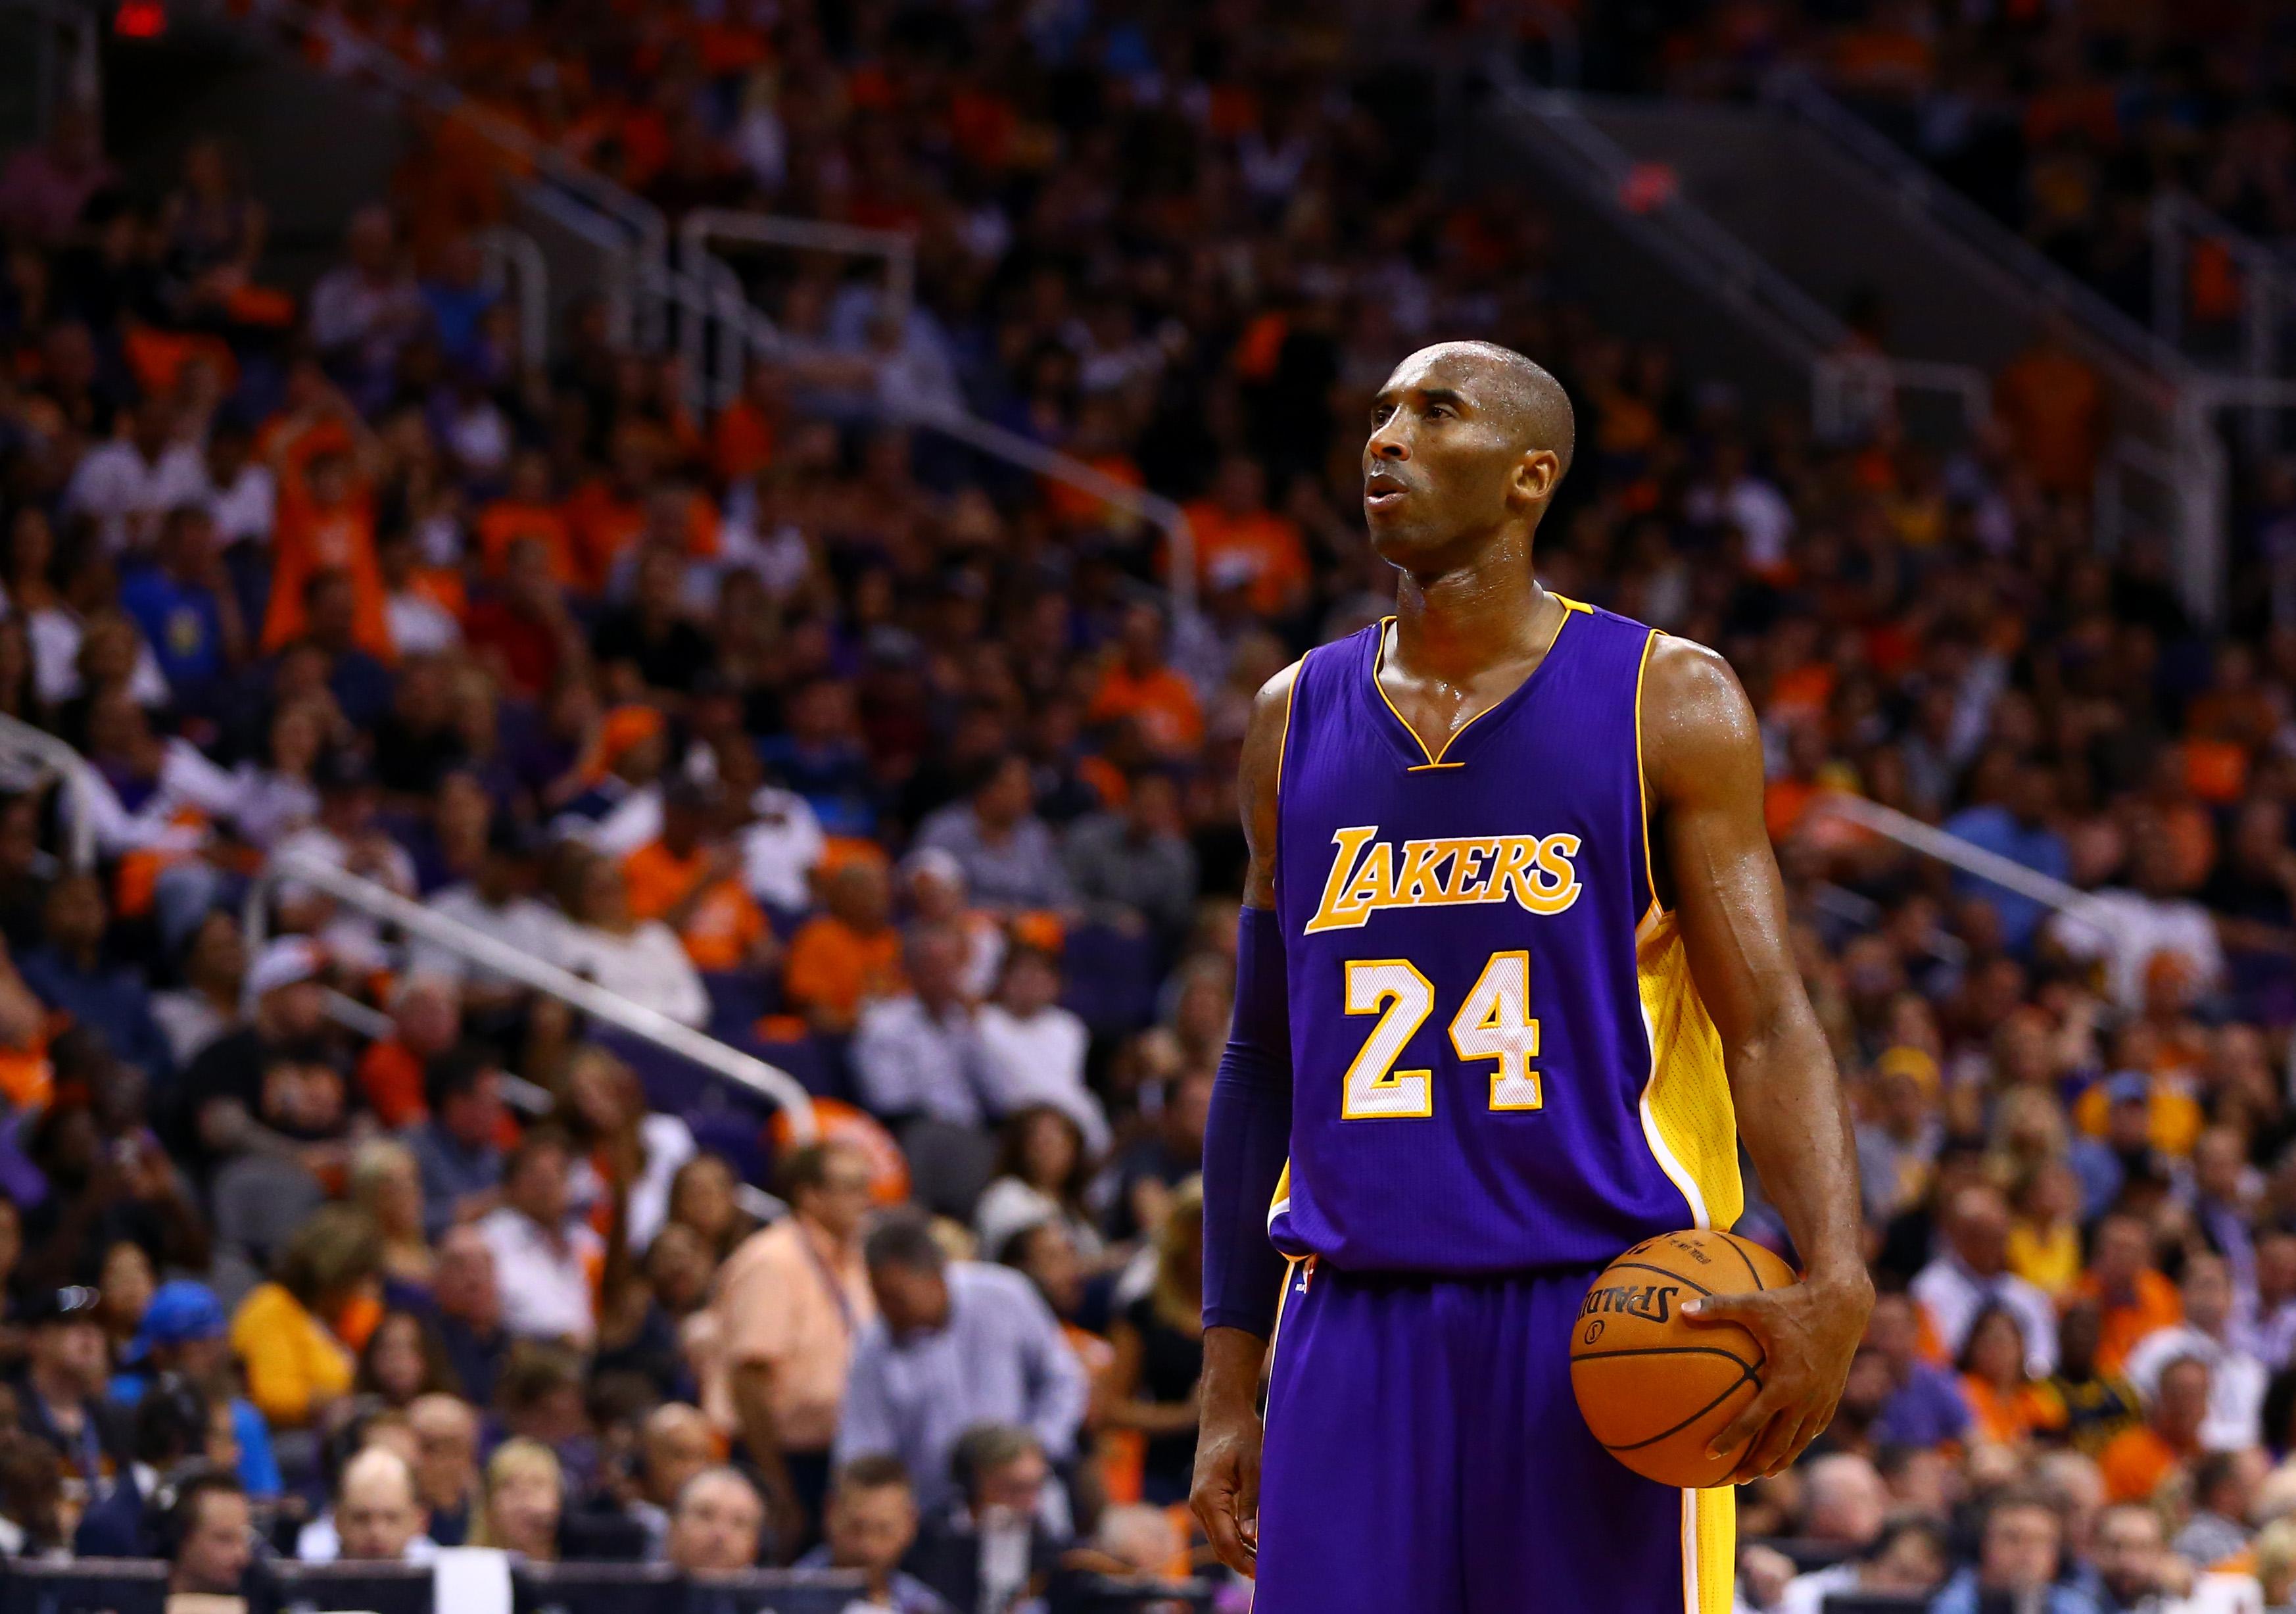 Kobe vistiendo el uniforme de sus sueños, el uniforme que defendió durante toda su carrera | ©Mark J. Rebilas / USA TODAY Sports